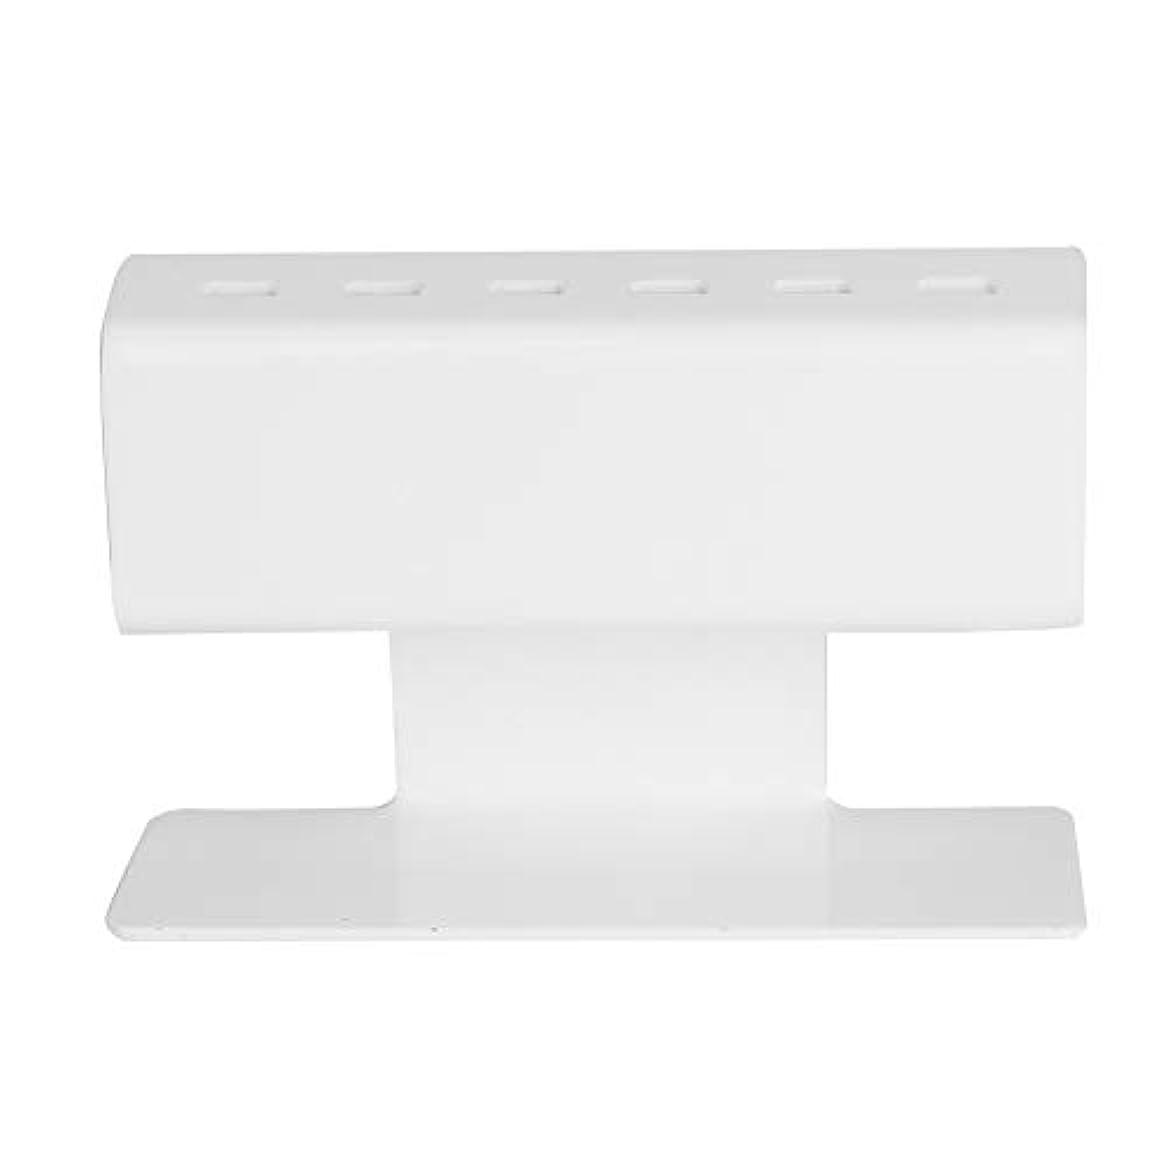 シャット専制ドライバピンセットシェルフホルダー、まつげ延長プラスチック6個セットピンセットスタンドの位置(白い)